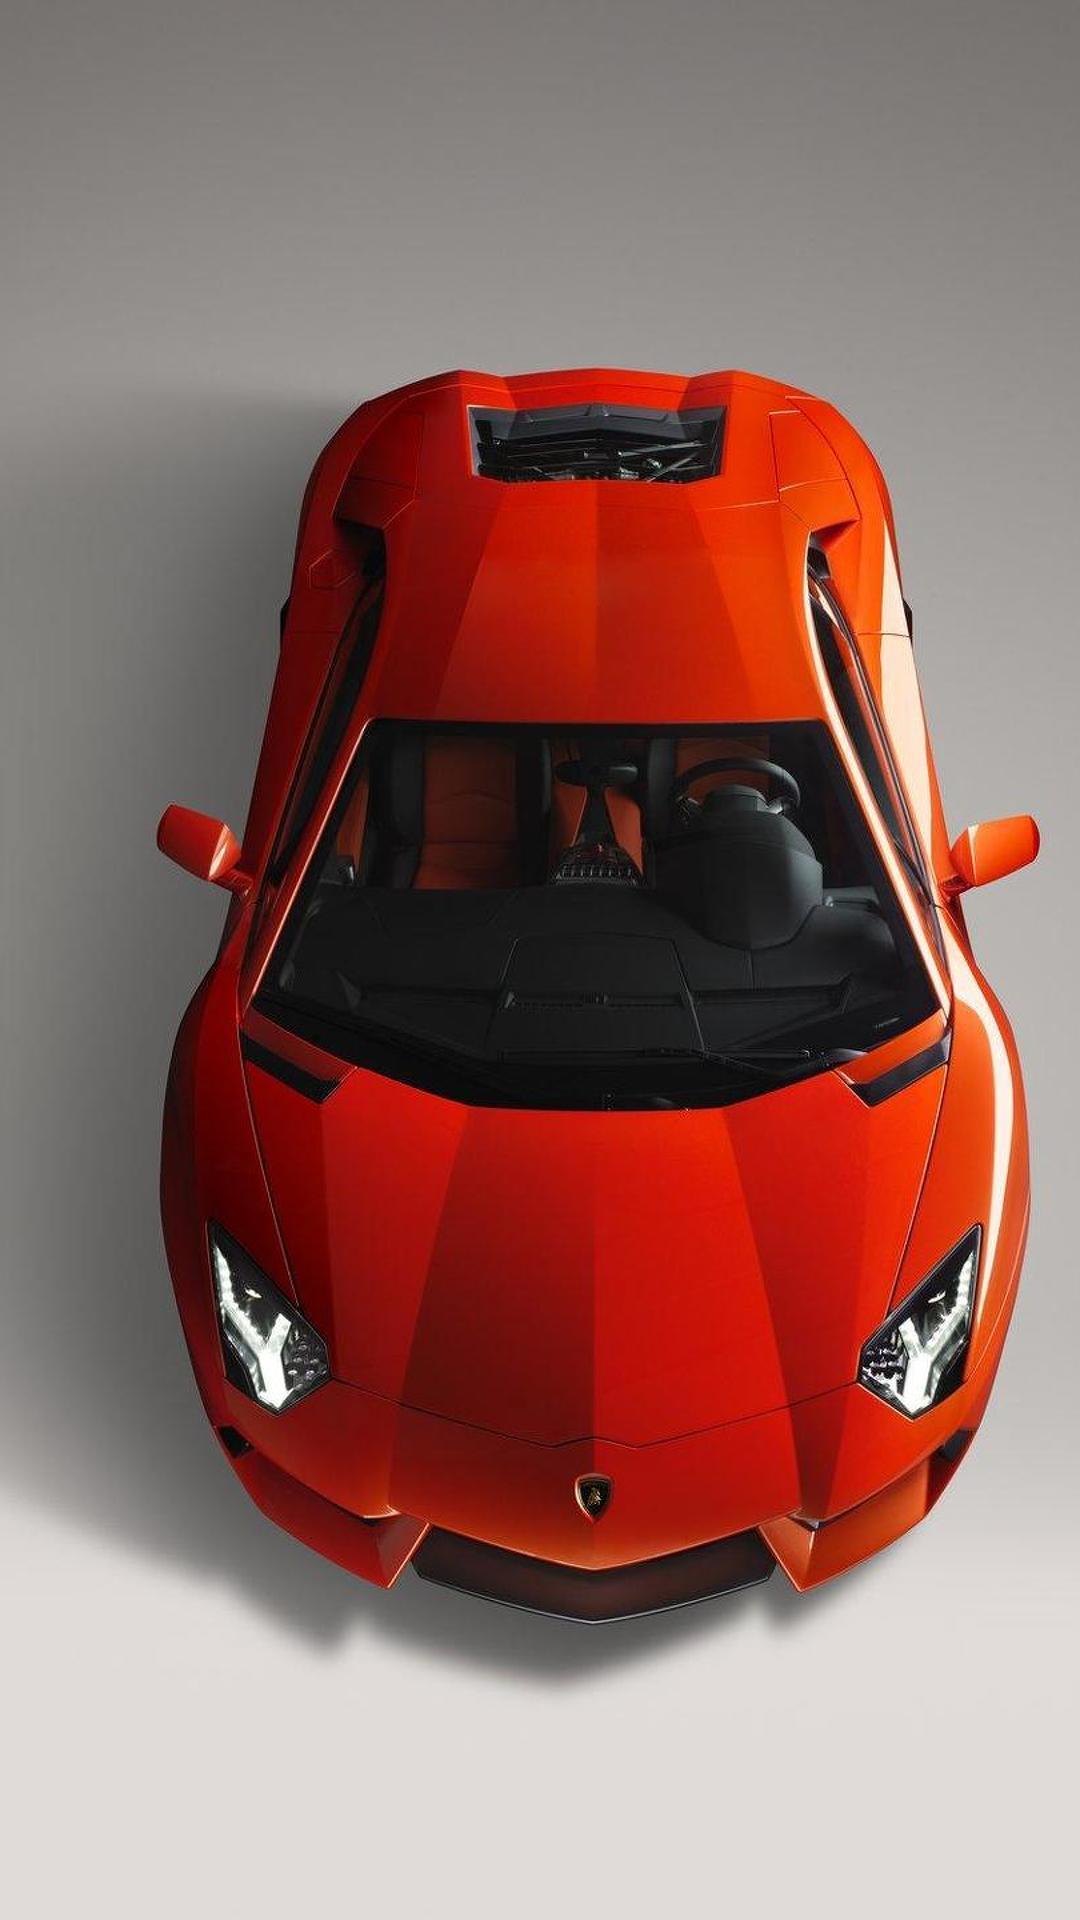 Revving Lamborghini Aventador LP700-4 underwhelms [videos]